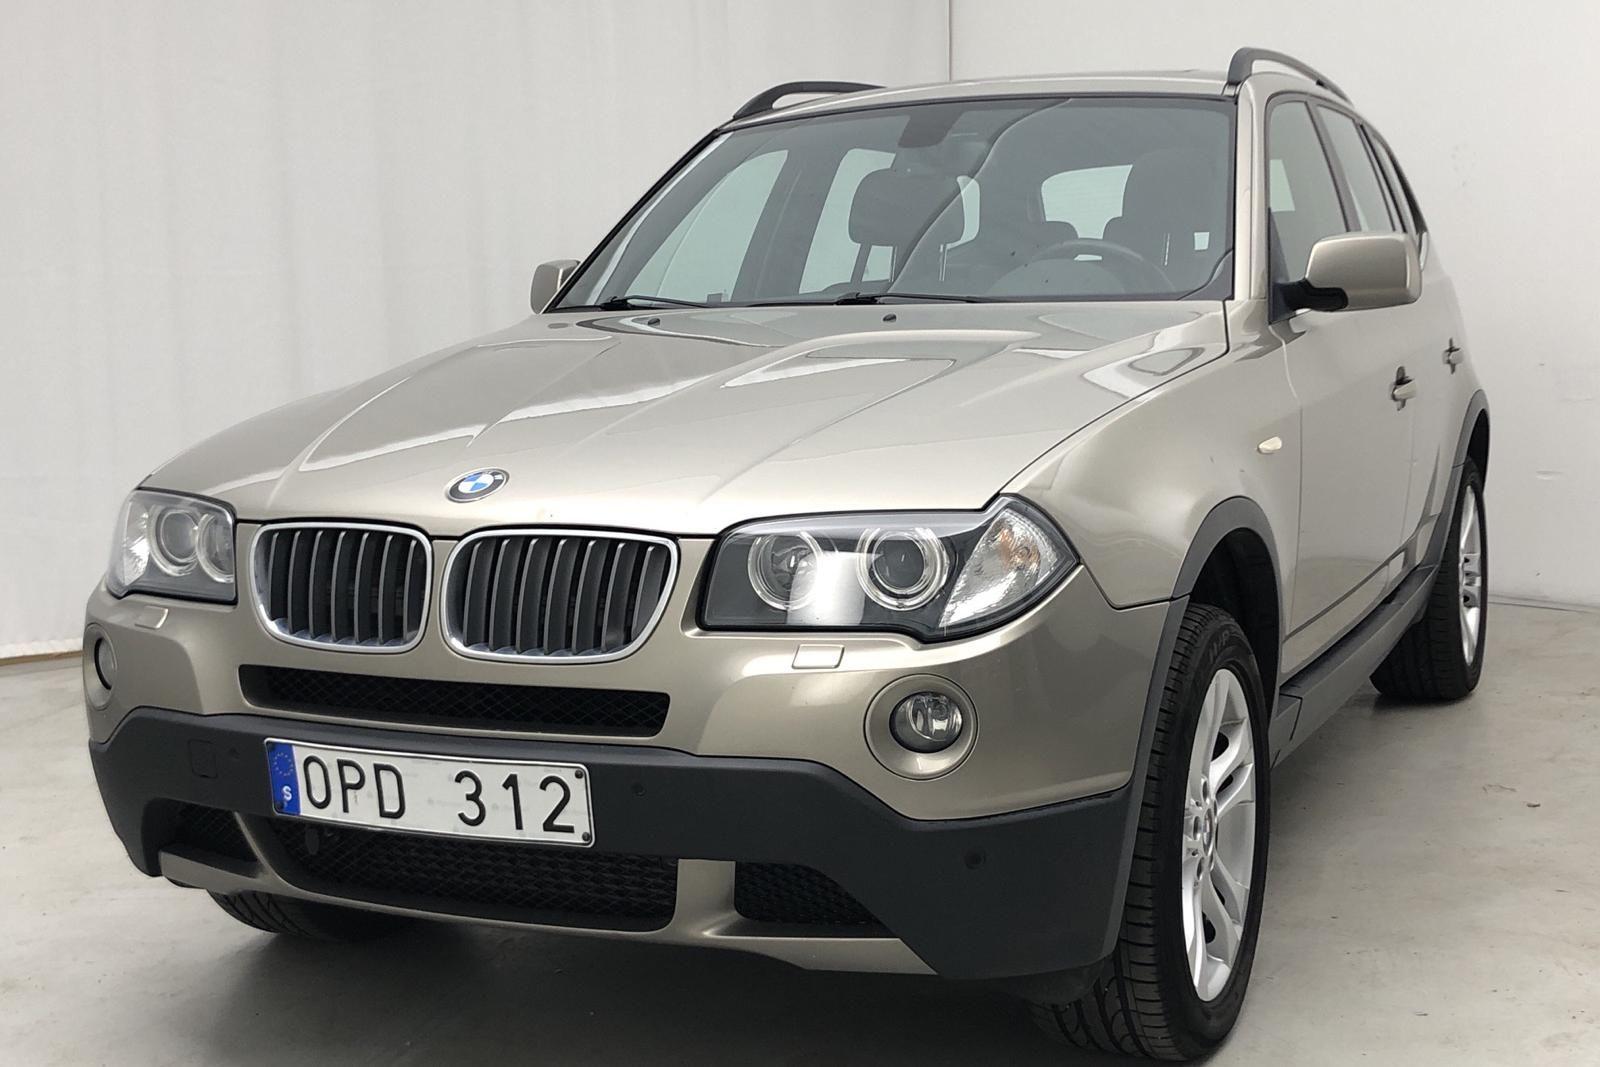 BMW X3 3.0, E83 (218hk)